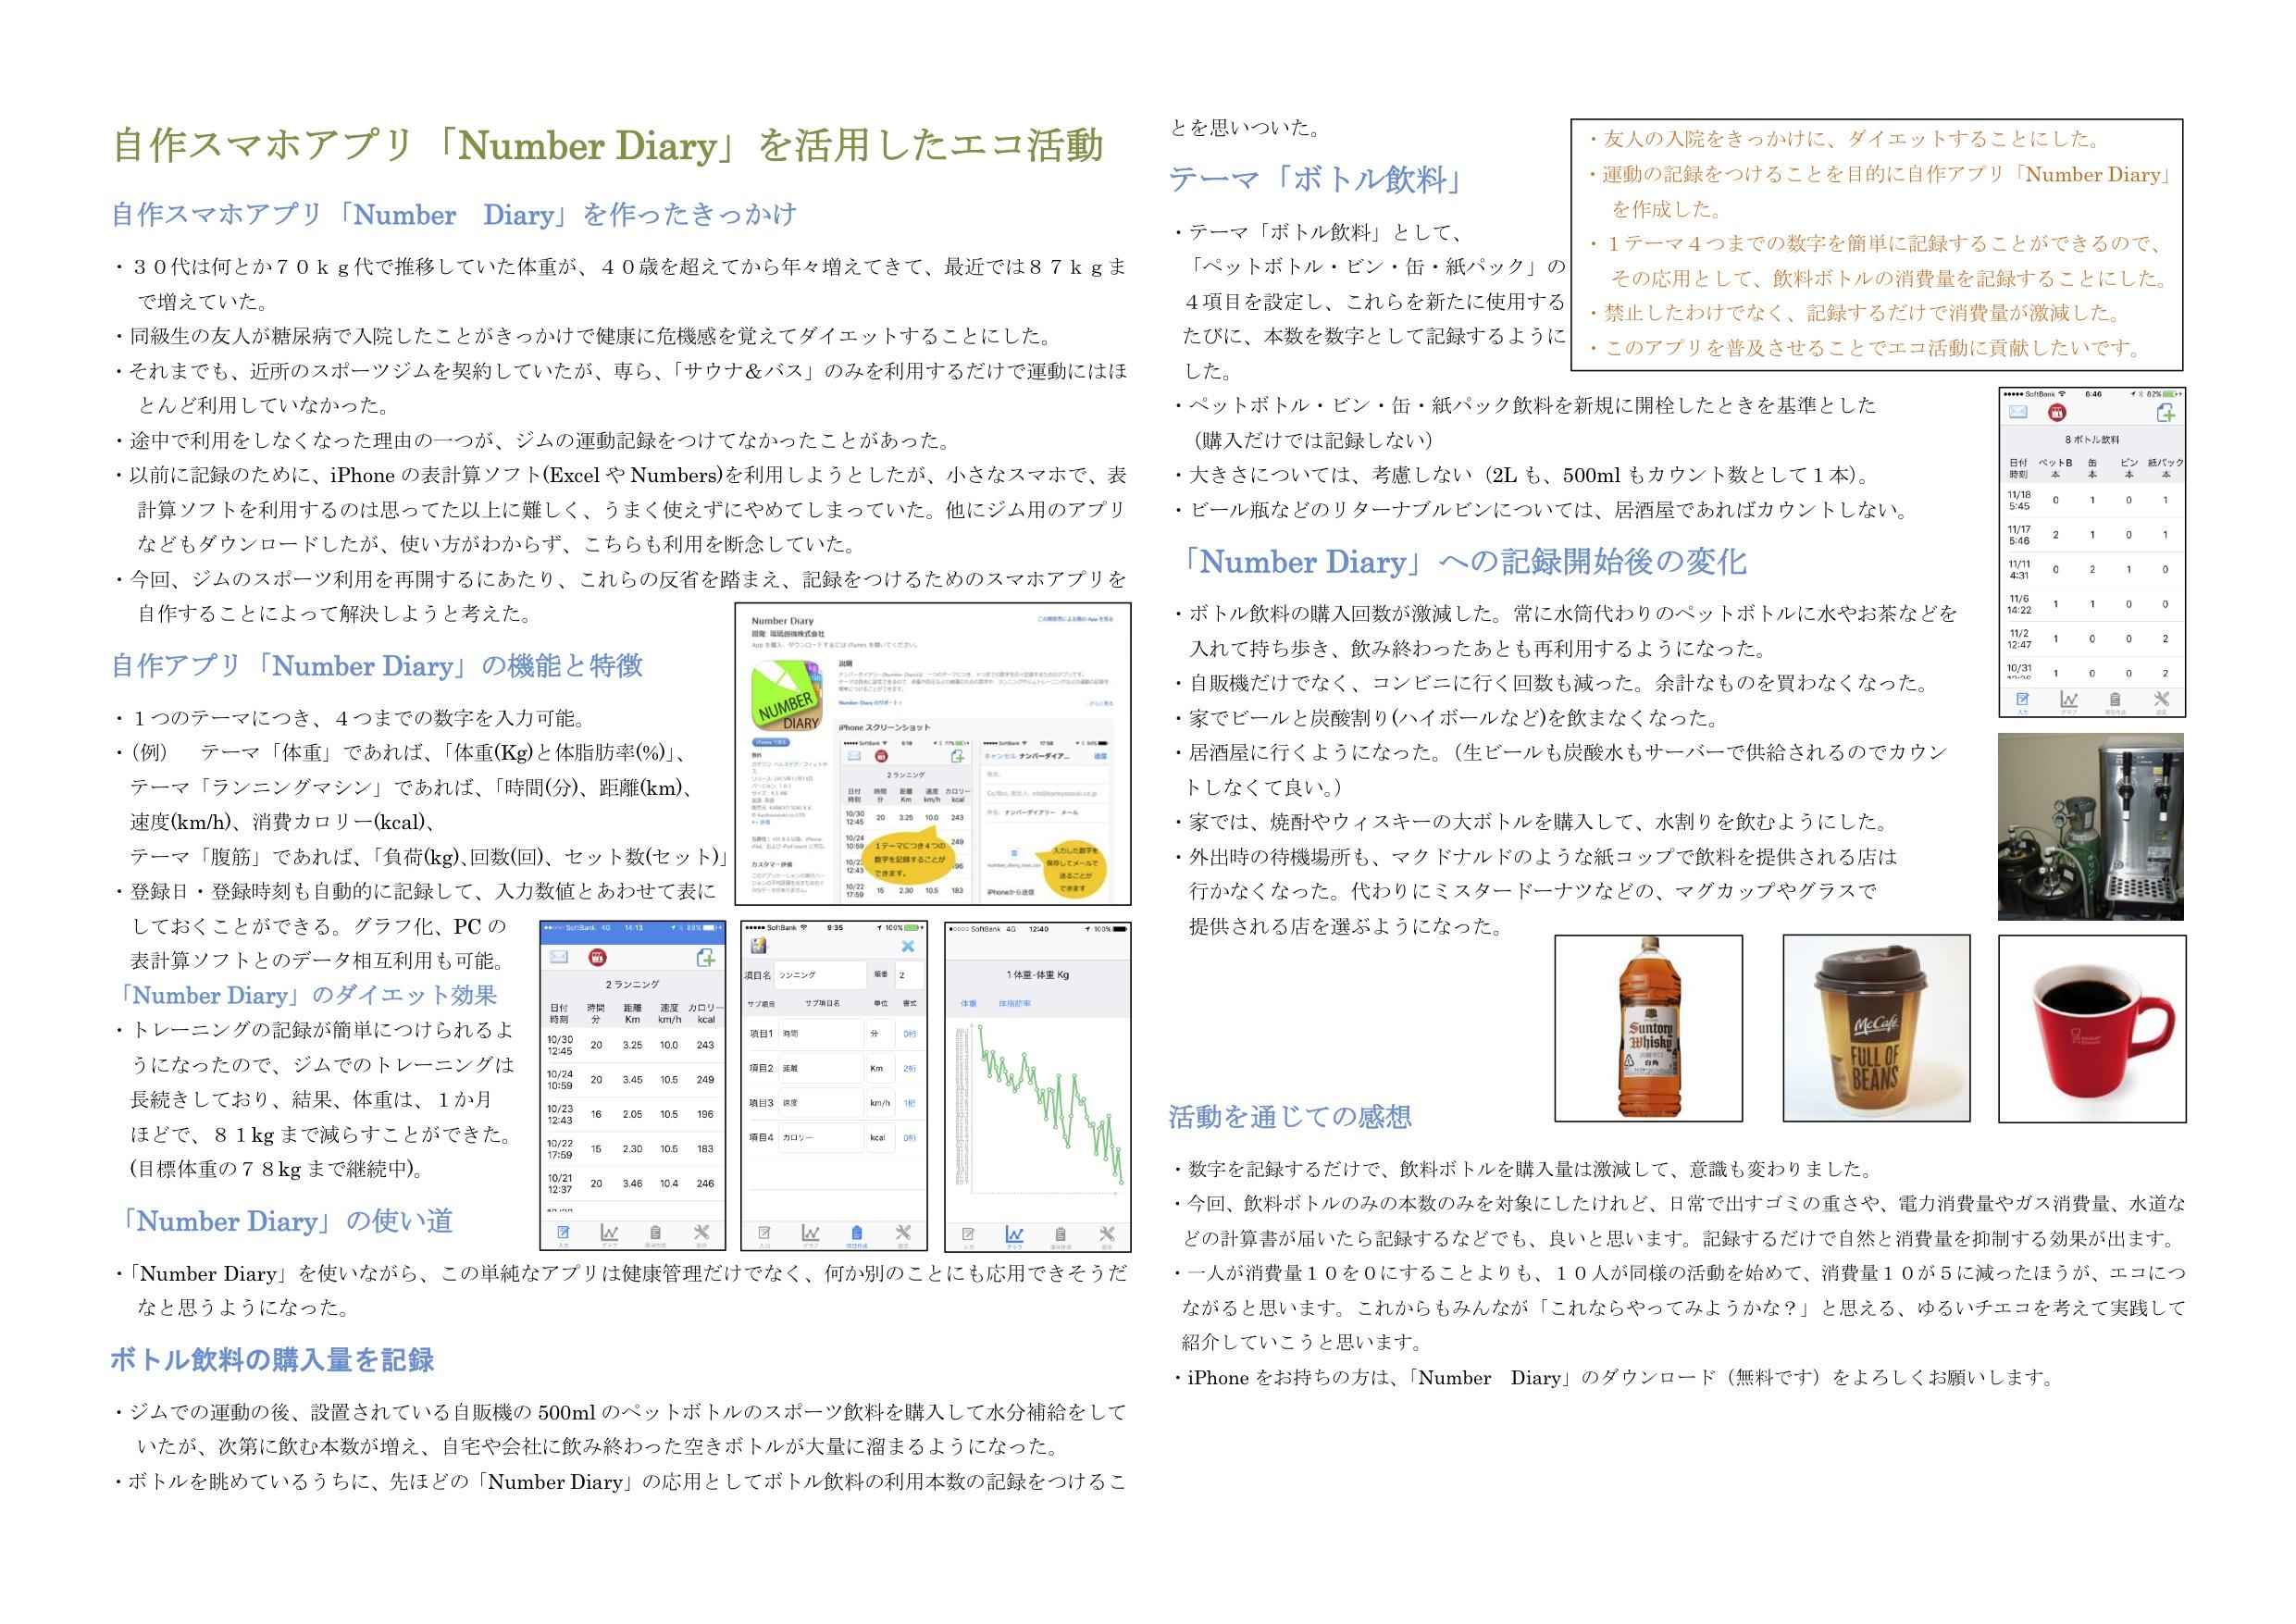 自作スマホアプリ「Number Diary」を活用したエコ活動  友良平